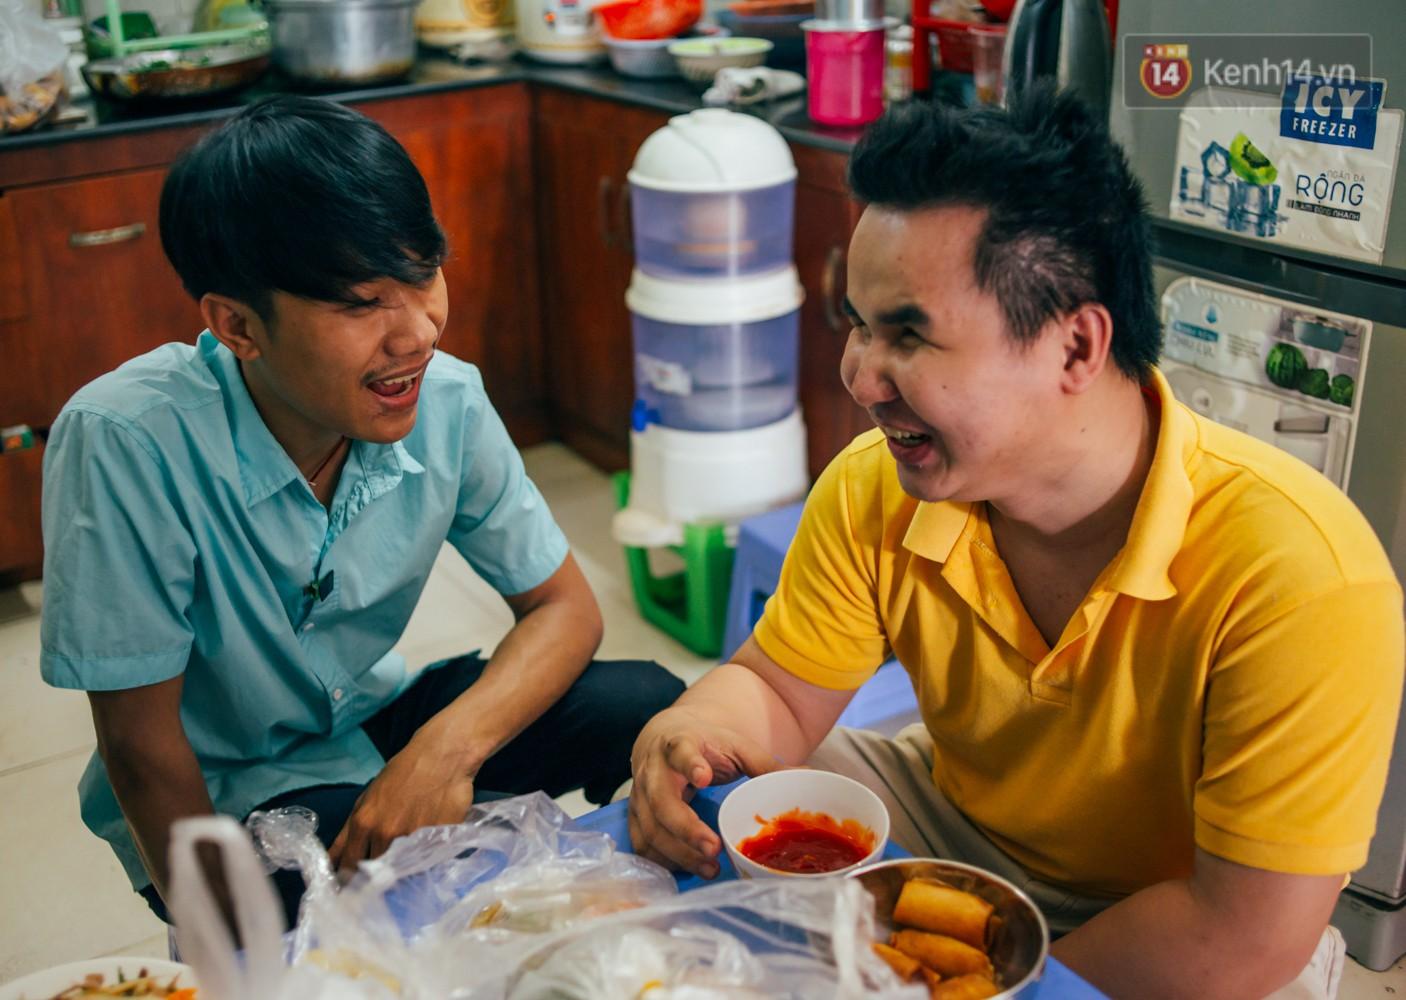 Câu chuyện cảm động phía sau cơ sở massage ở Sài Gòn với nhân viên và ông chủ đều là người khiếm thị - Ảnh 12.